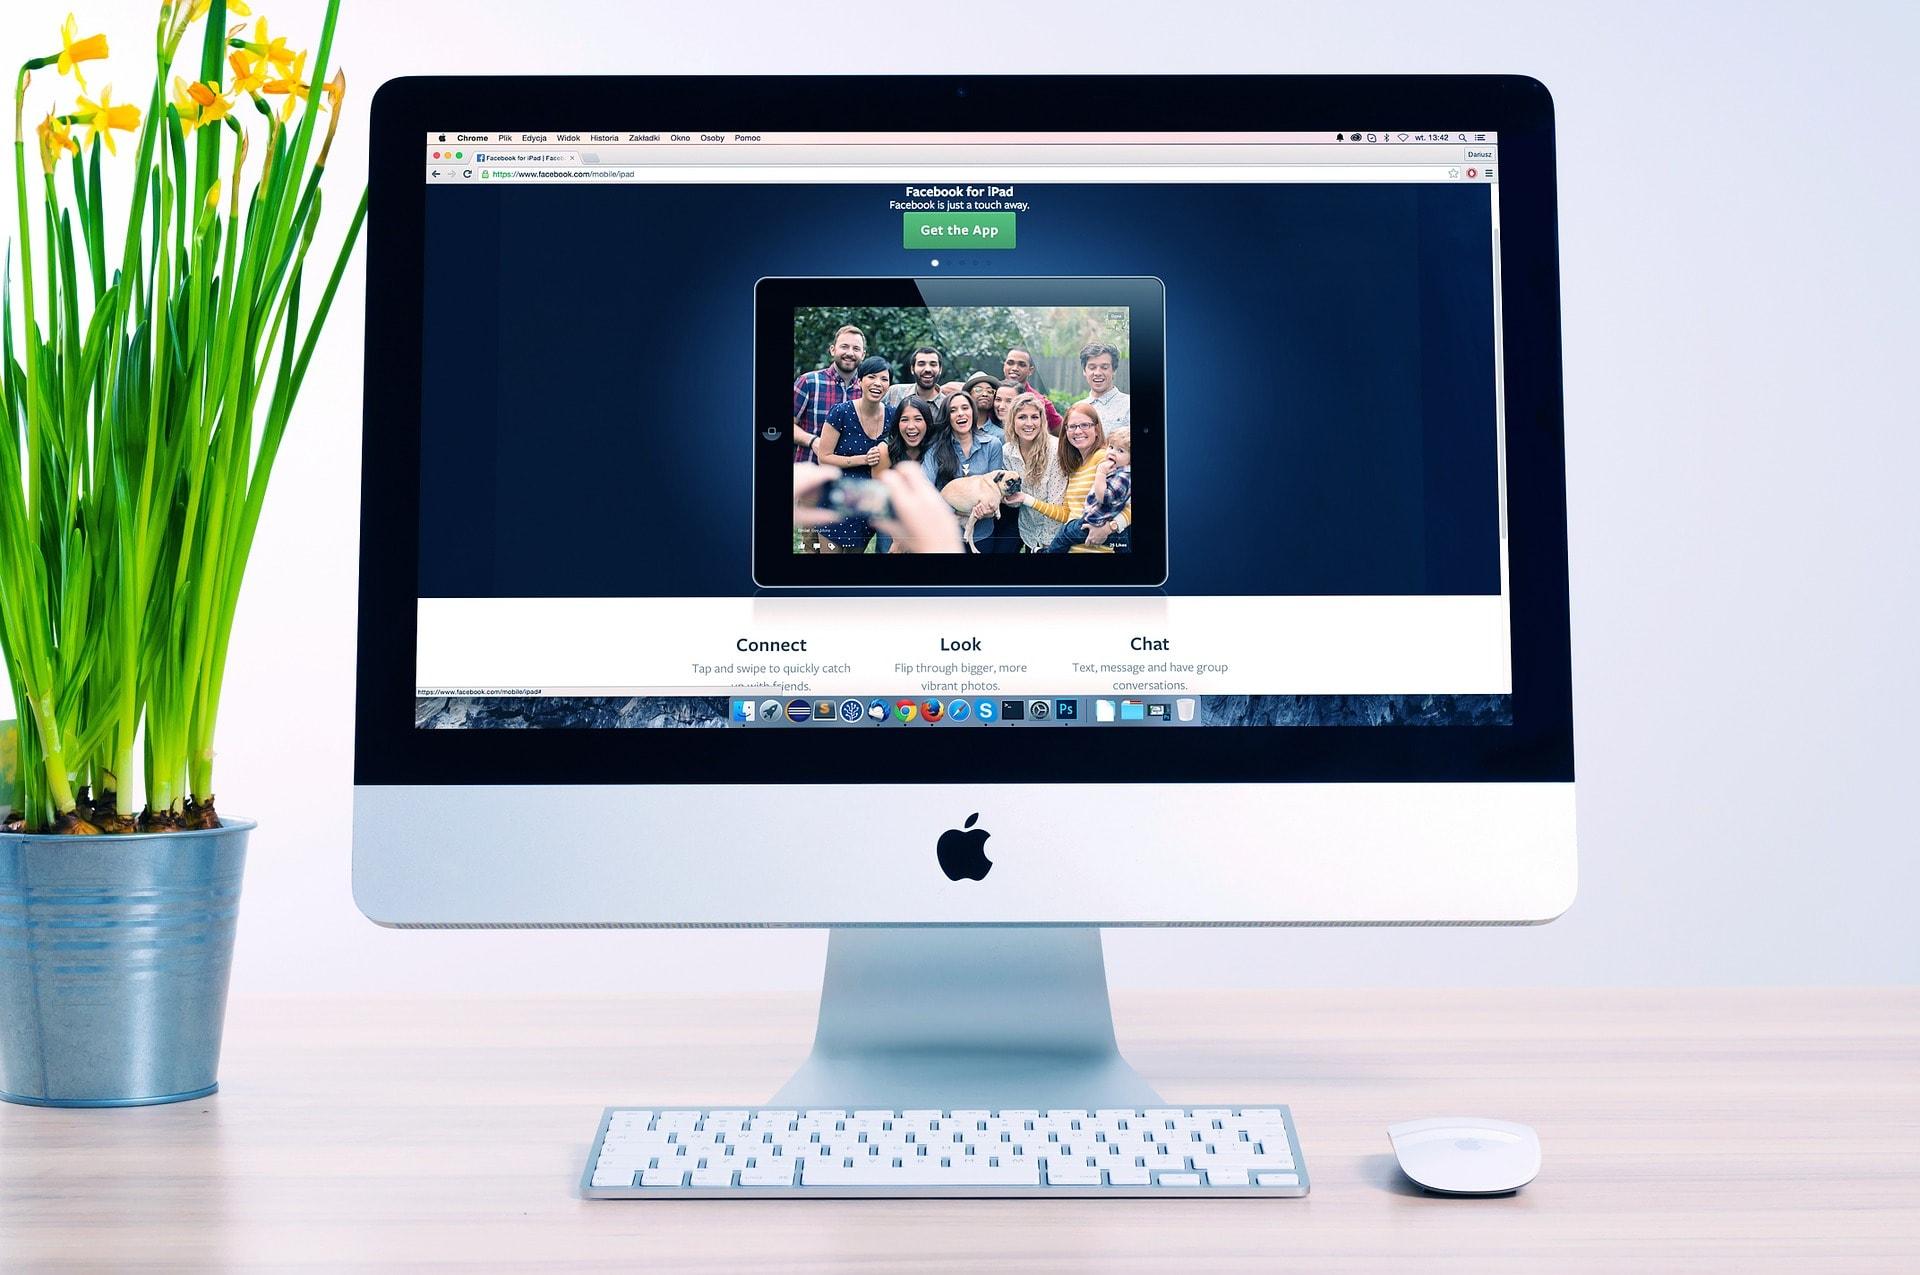 realizzazione siti internet in provincia di treviso web design Web Housewebcompany